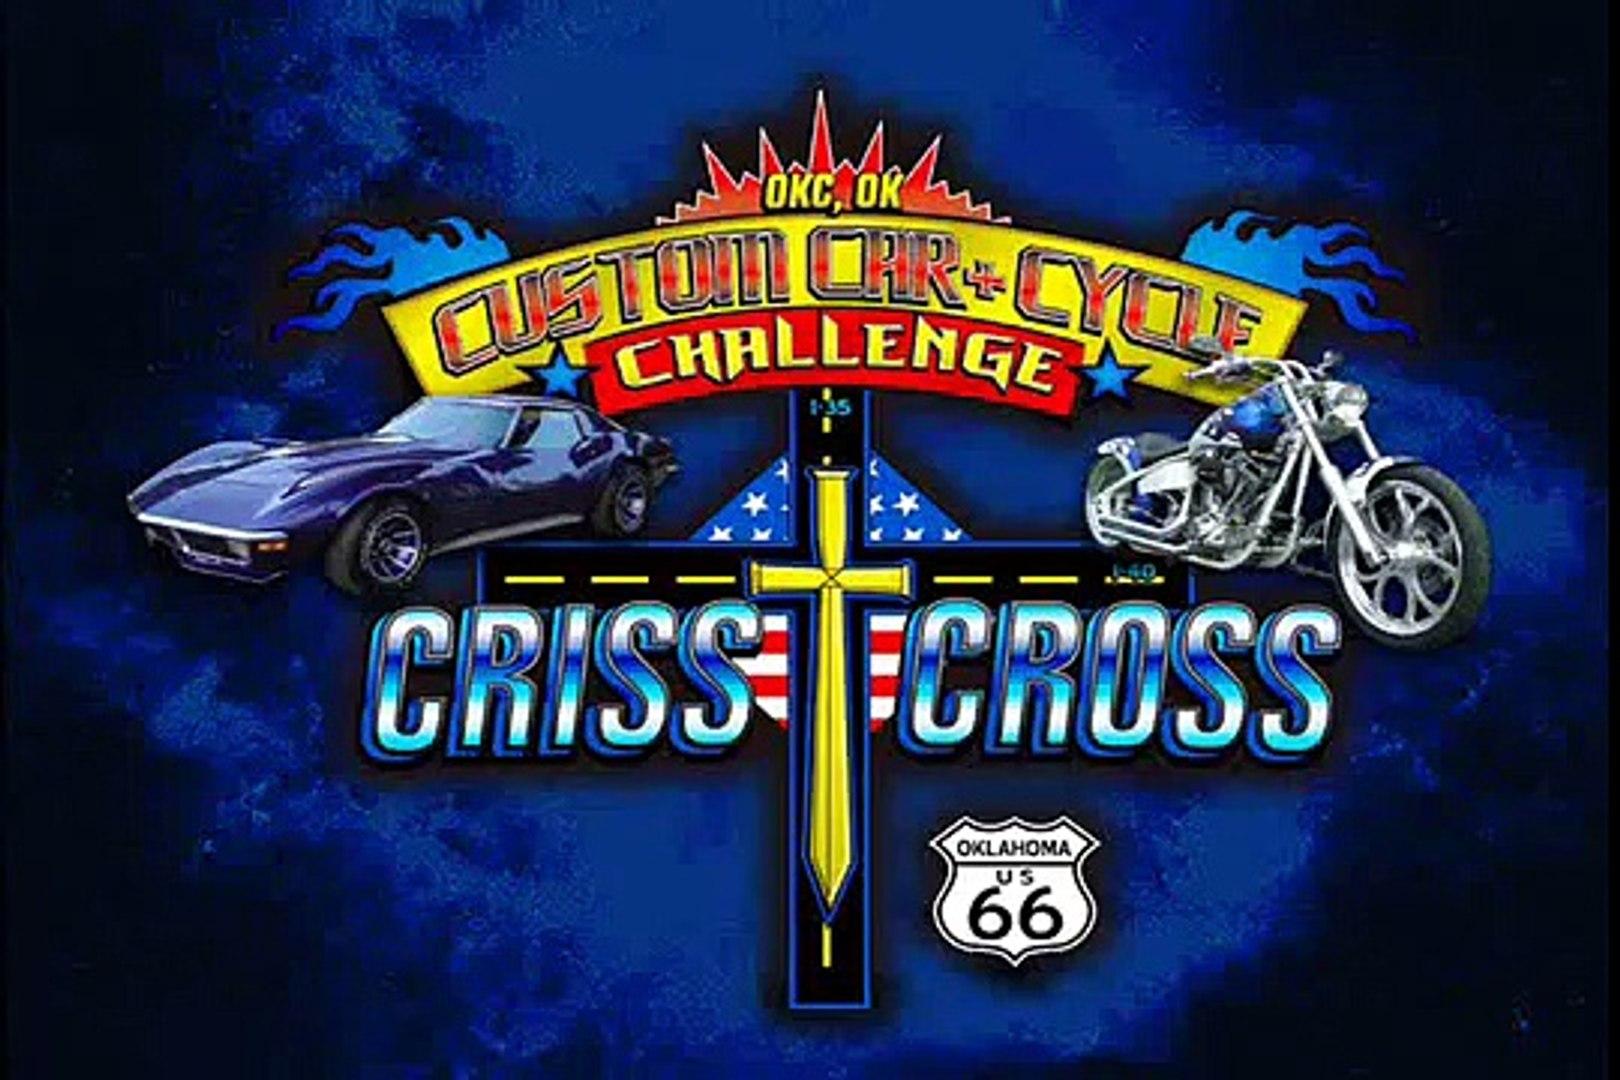 Criss Cross Challenge Street Team Girls